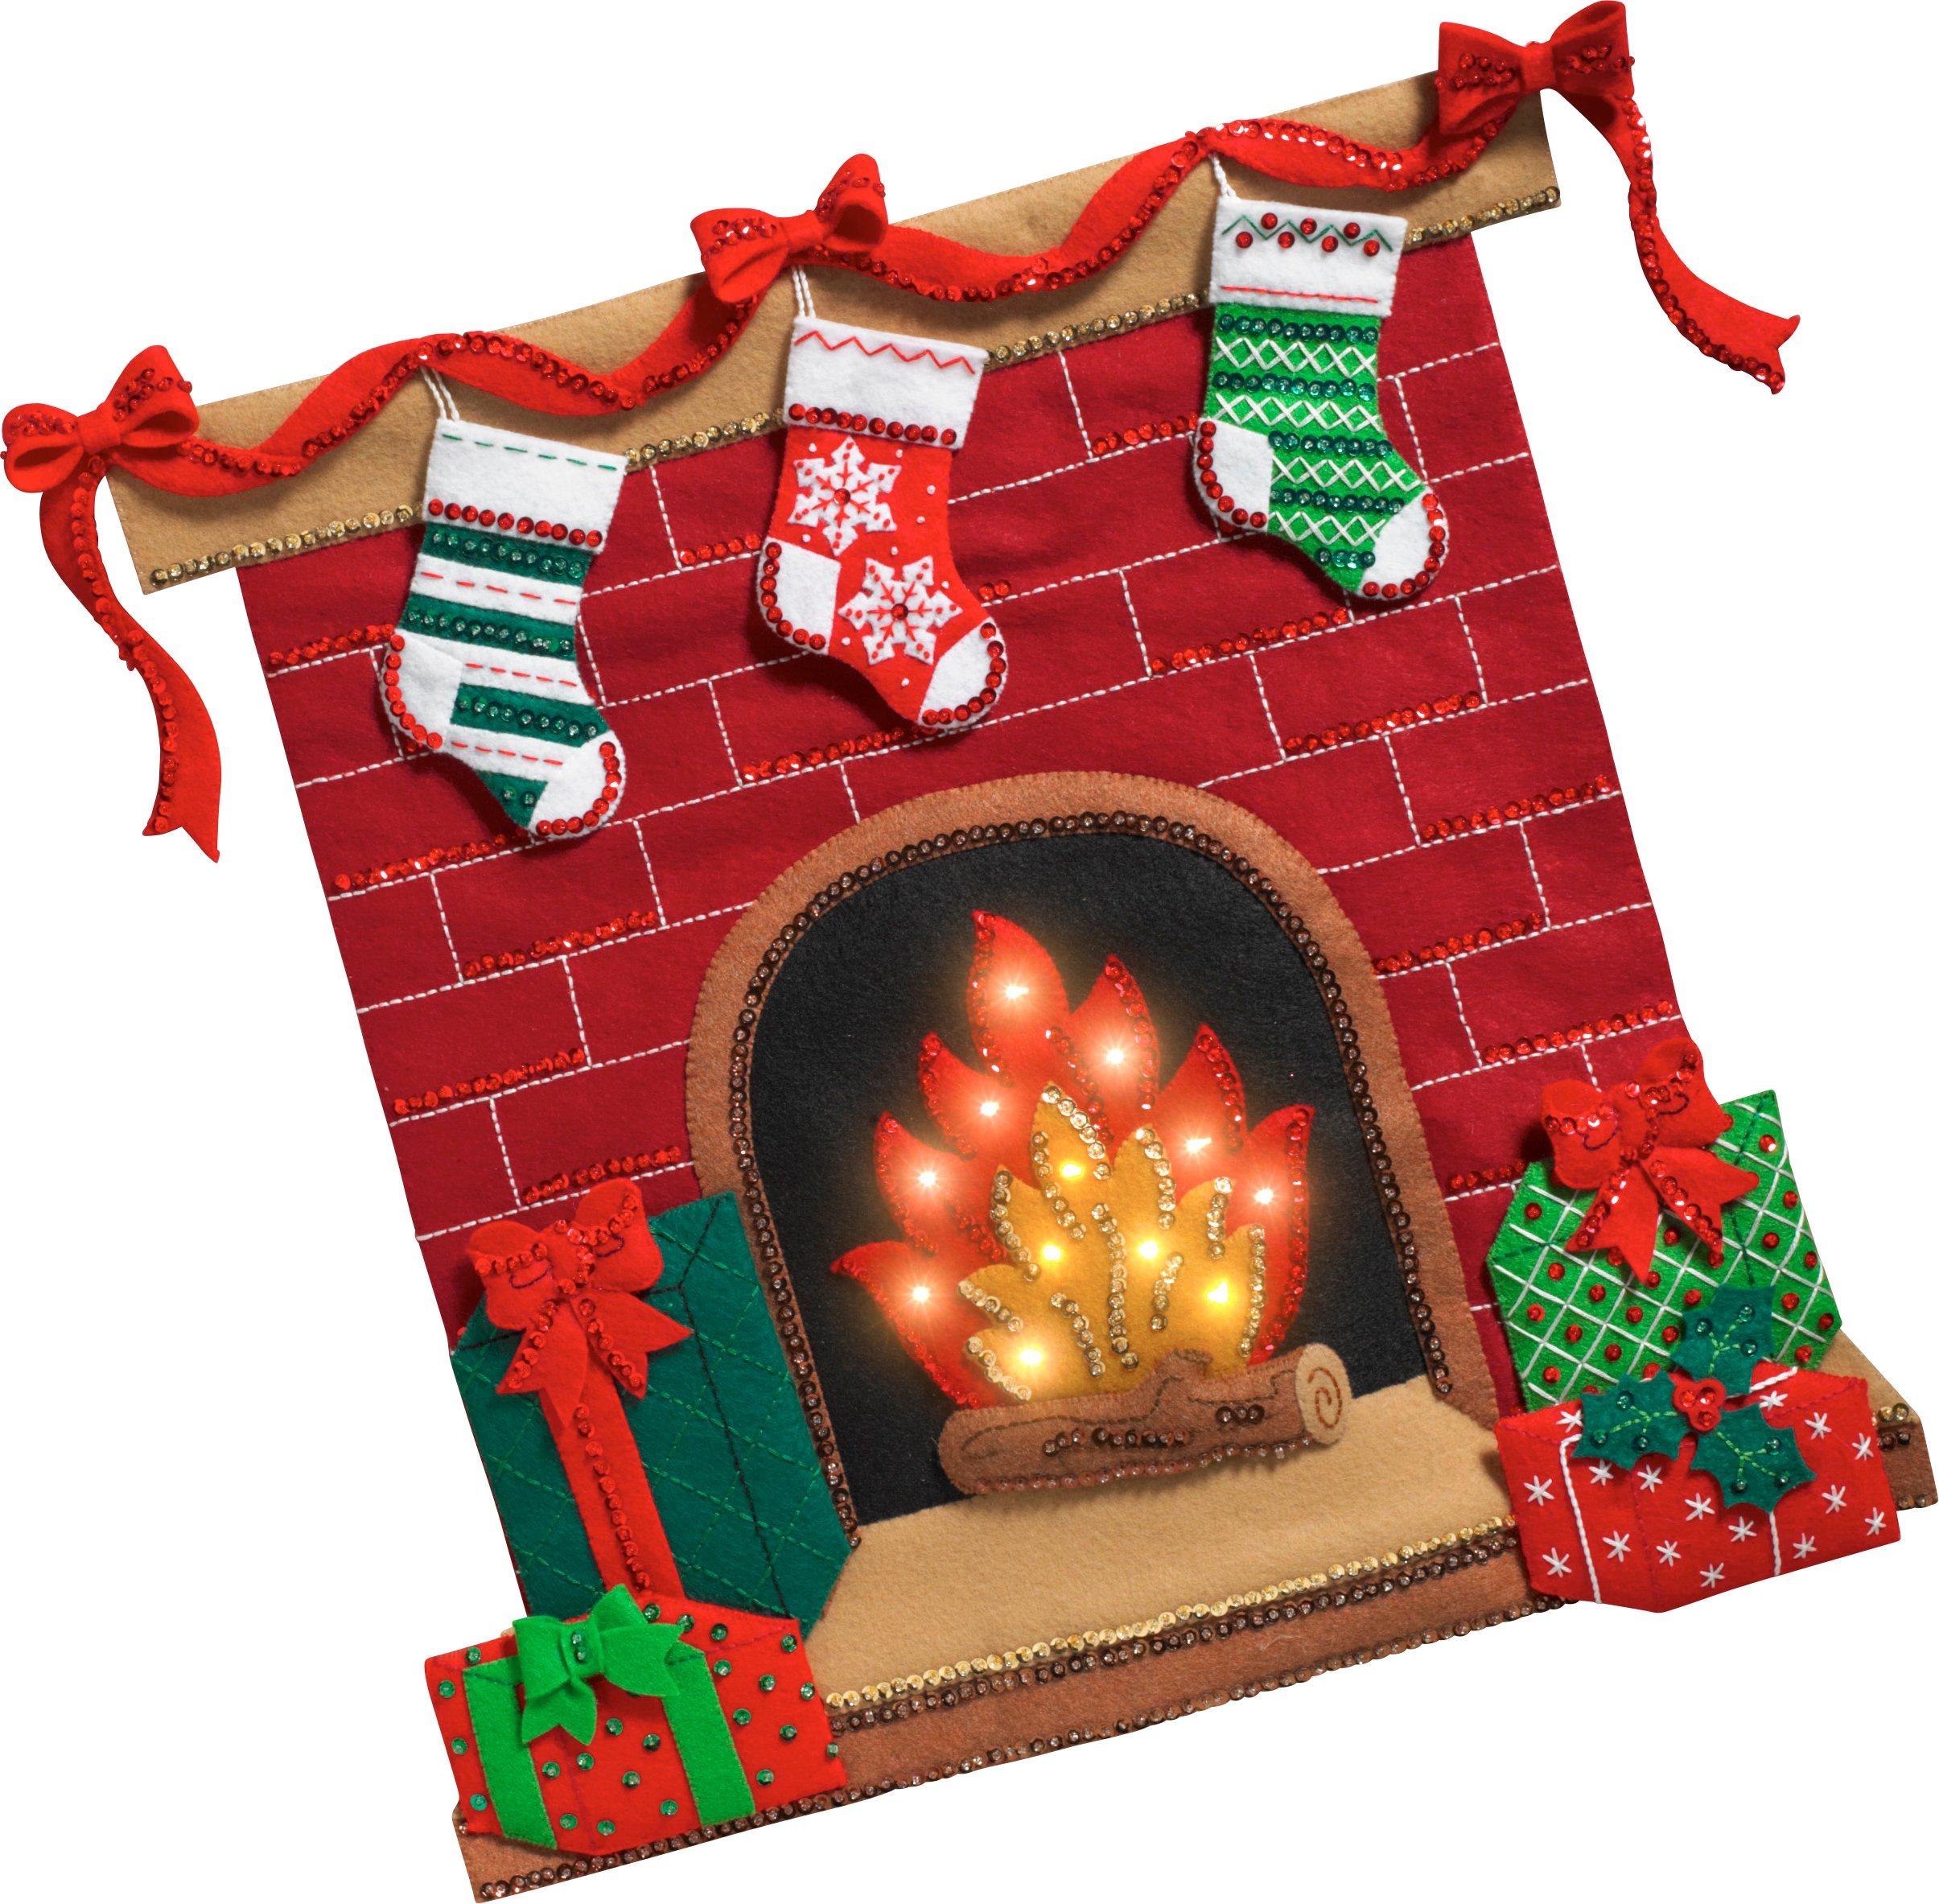 Bucilla 86821 Fireside Glow Wallhanging Kit by Bucilla